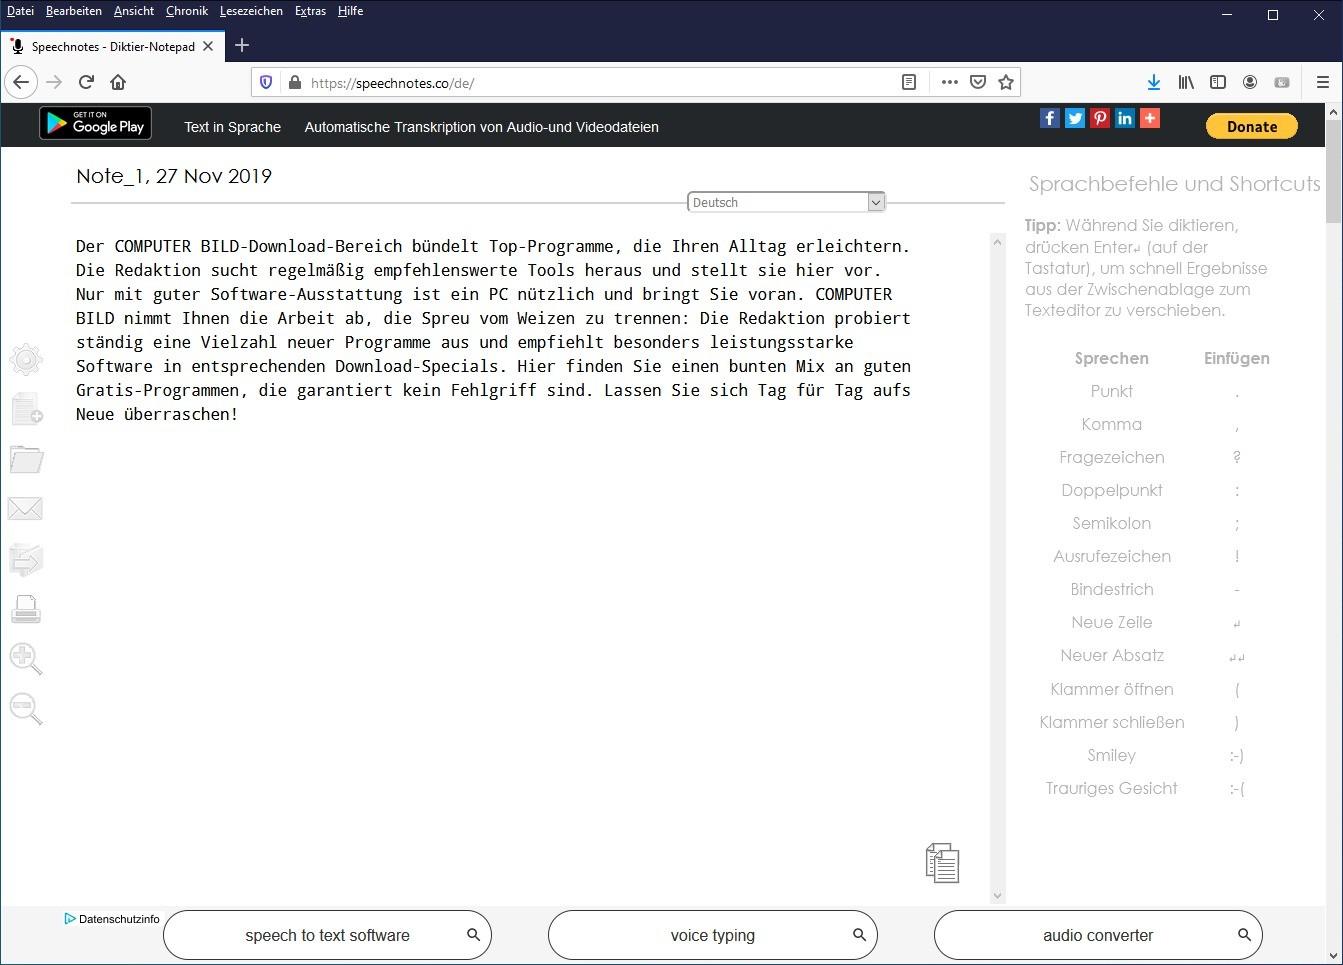 Screenshot 1 - Speechnotes: Sprache zu Text